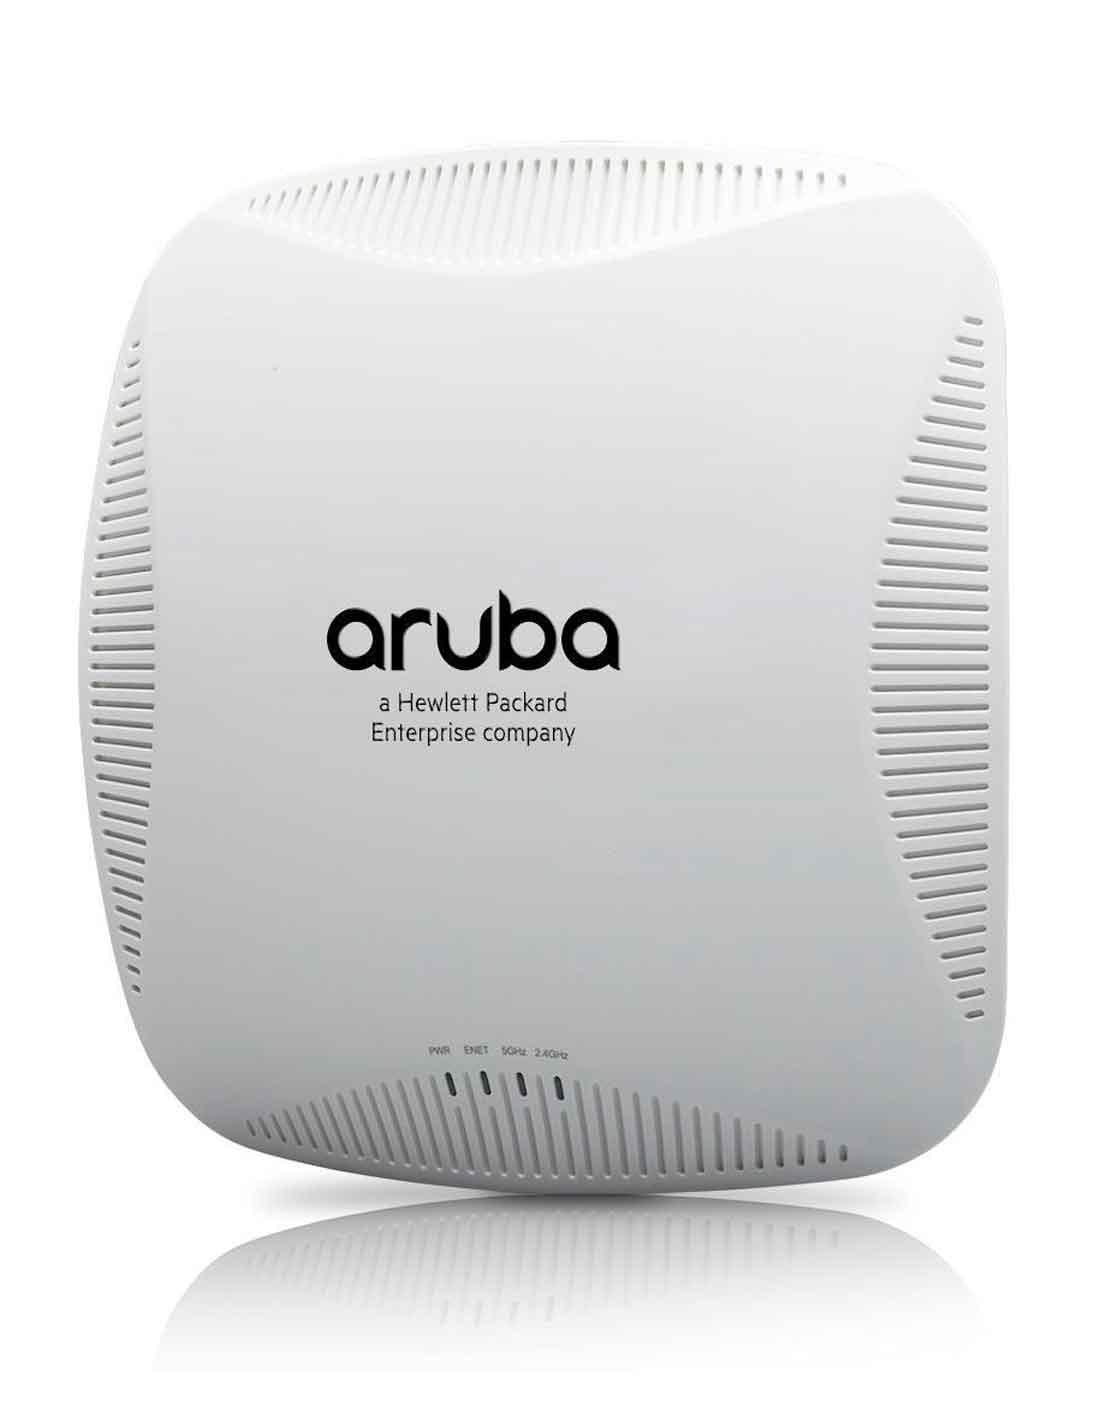 Aruba IAP-215 (RW) Wireless Access Point (JW228A) Dubai Online Store